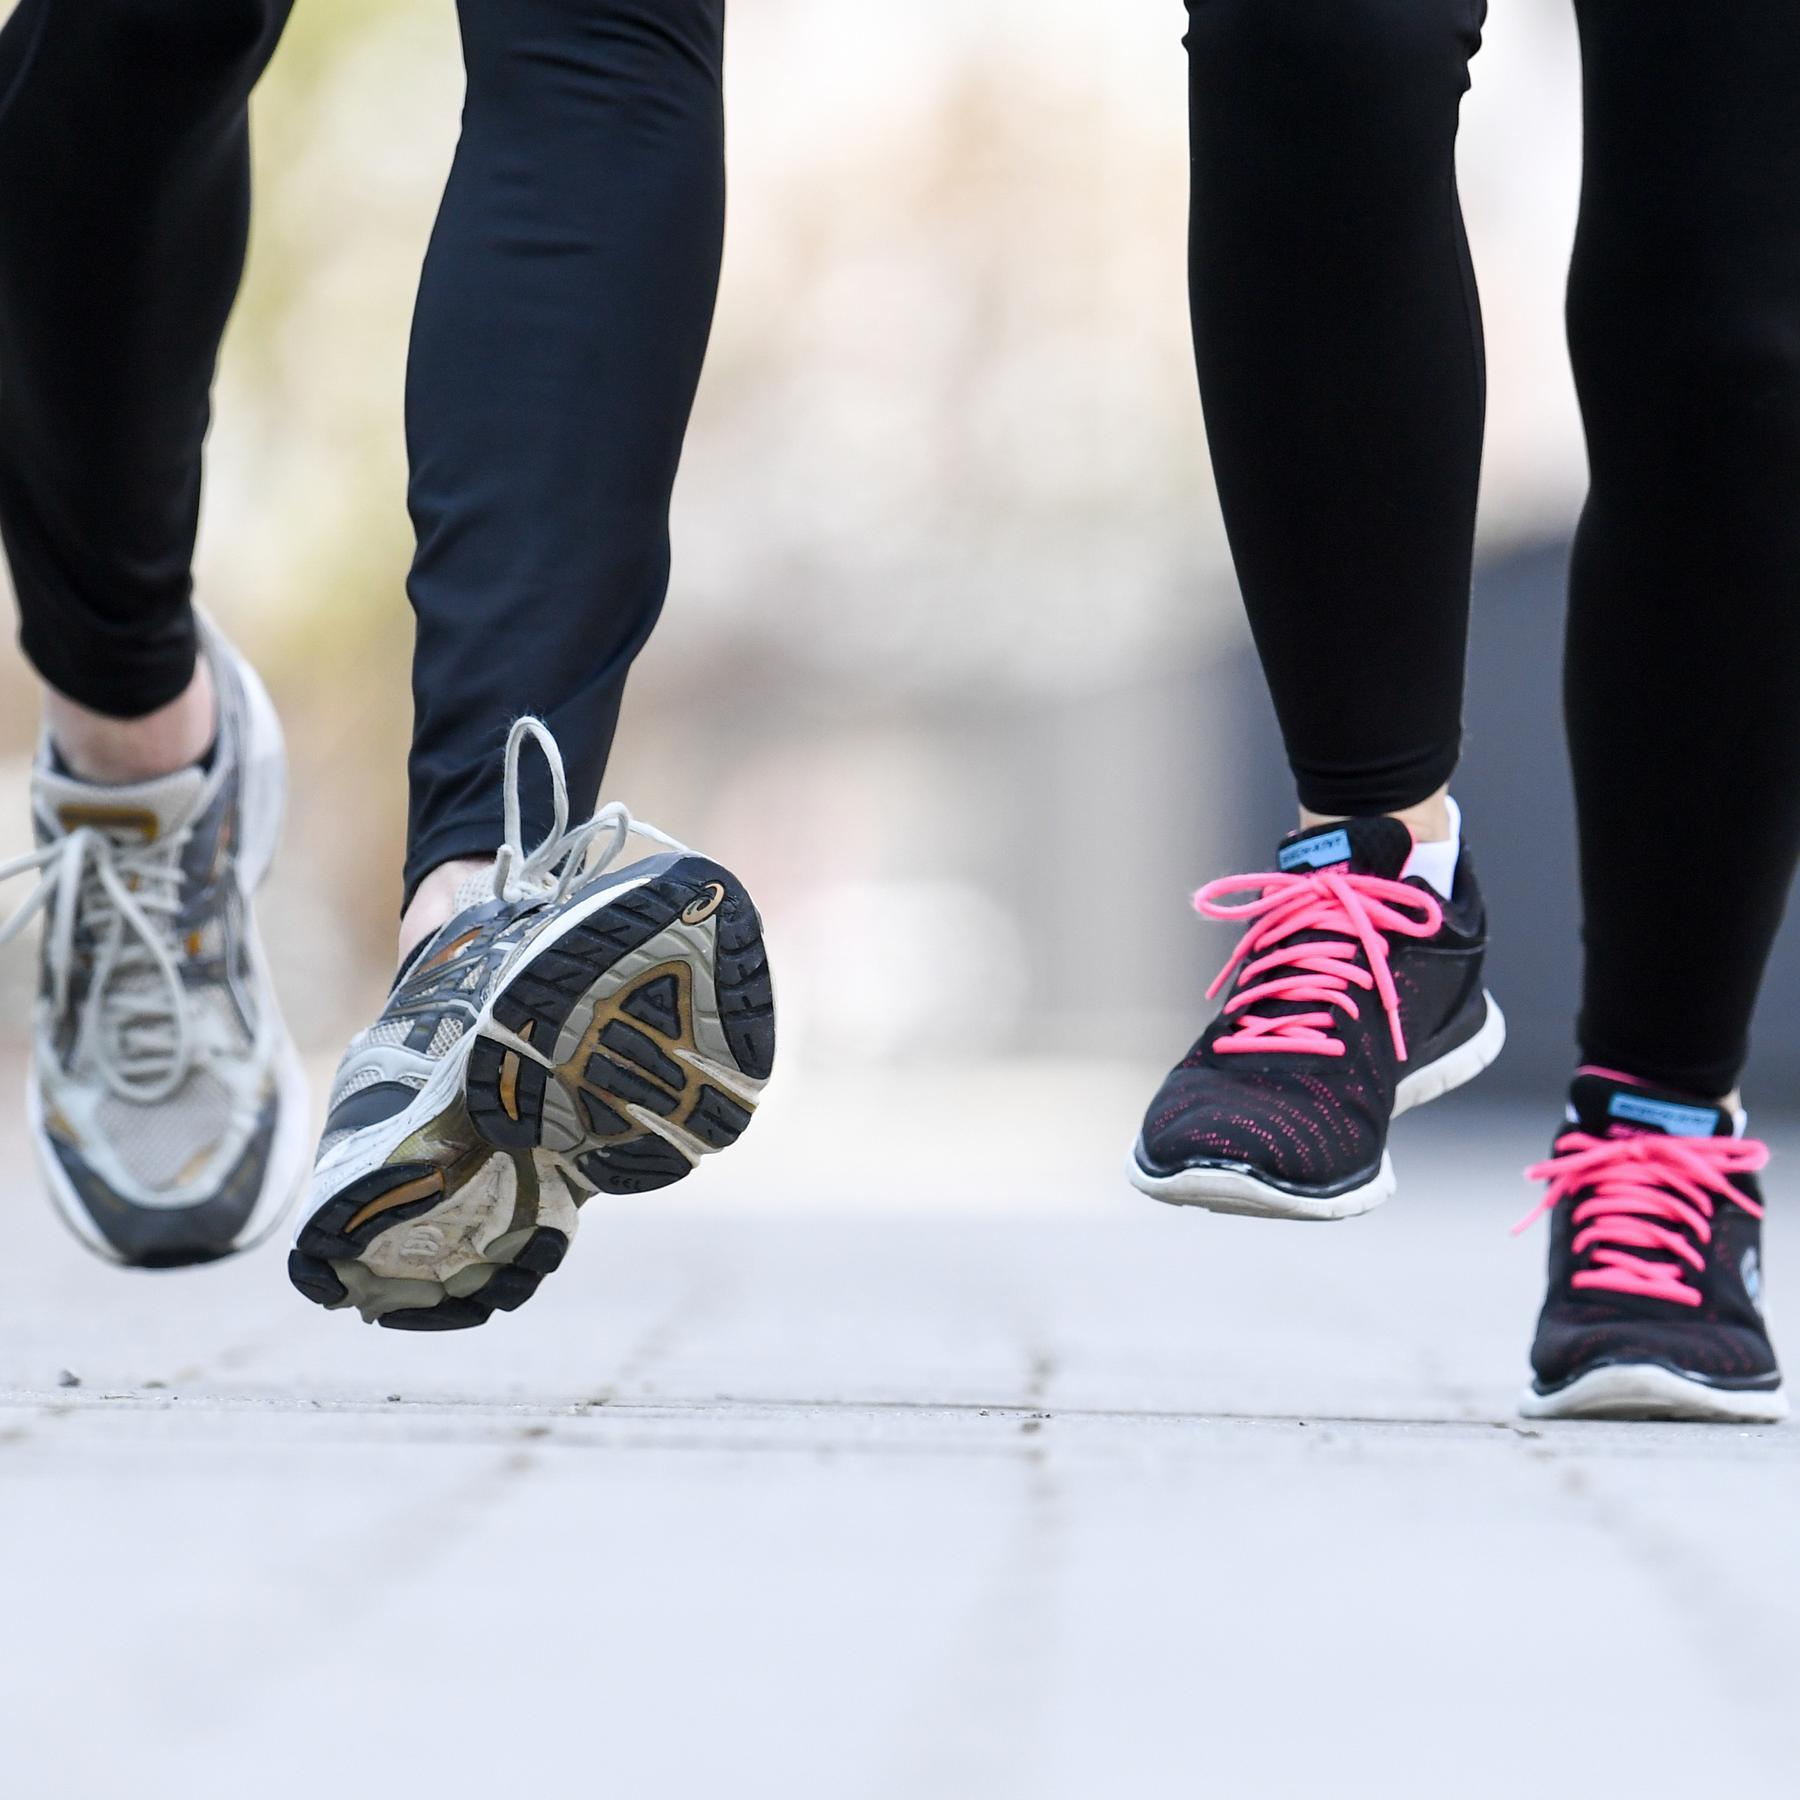 Laufen - Eine Wissenschaft für sich